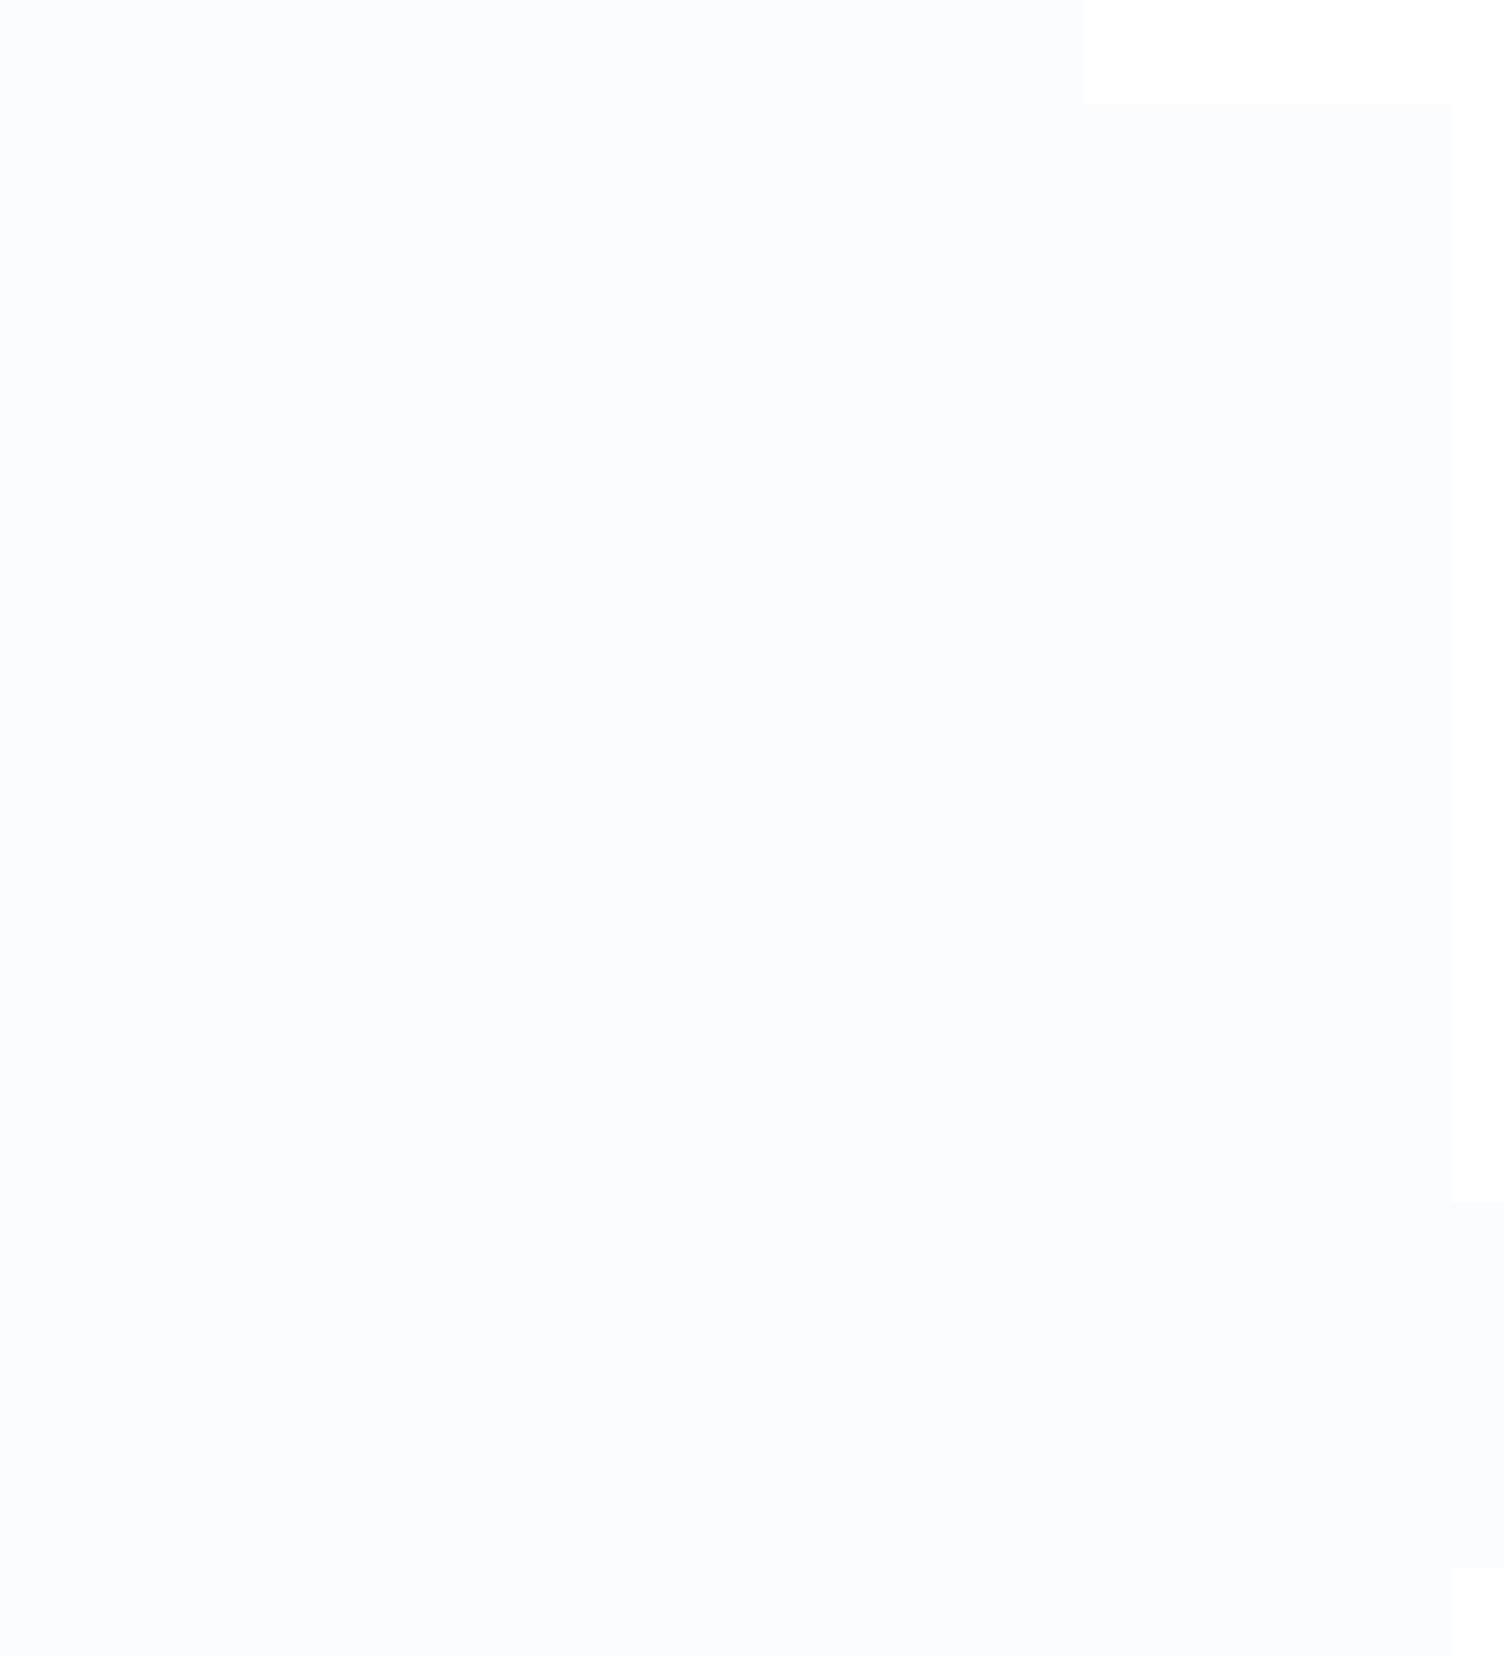 Белая картинка пустая белый